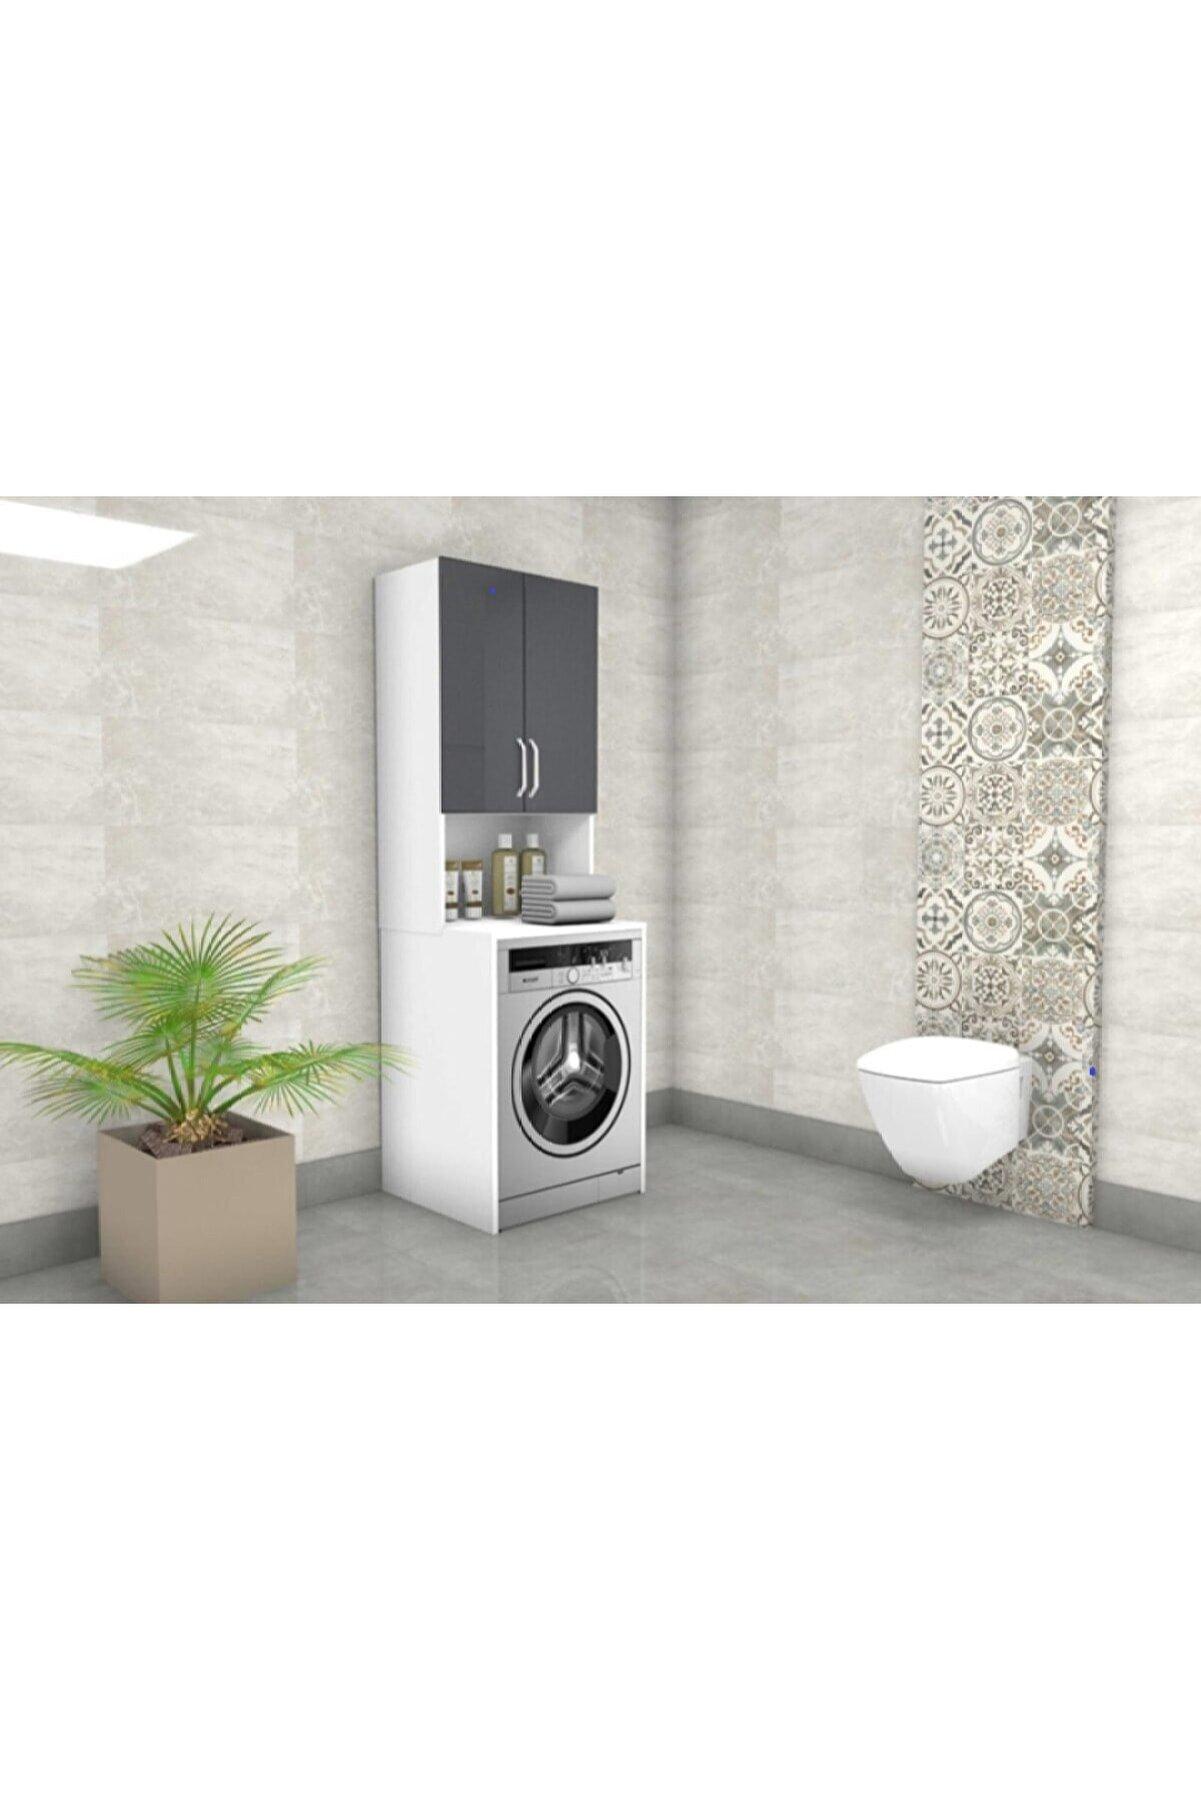 DM MOBİLYA Çamaşır Makinesi Dolabı(Banyo Dolabı)